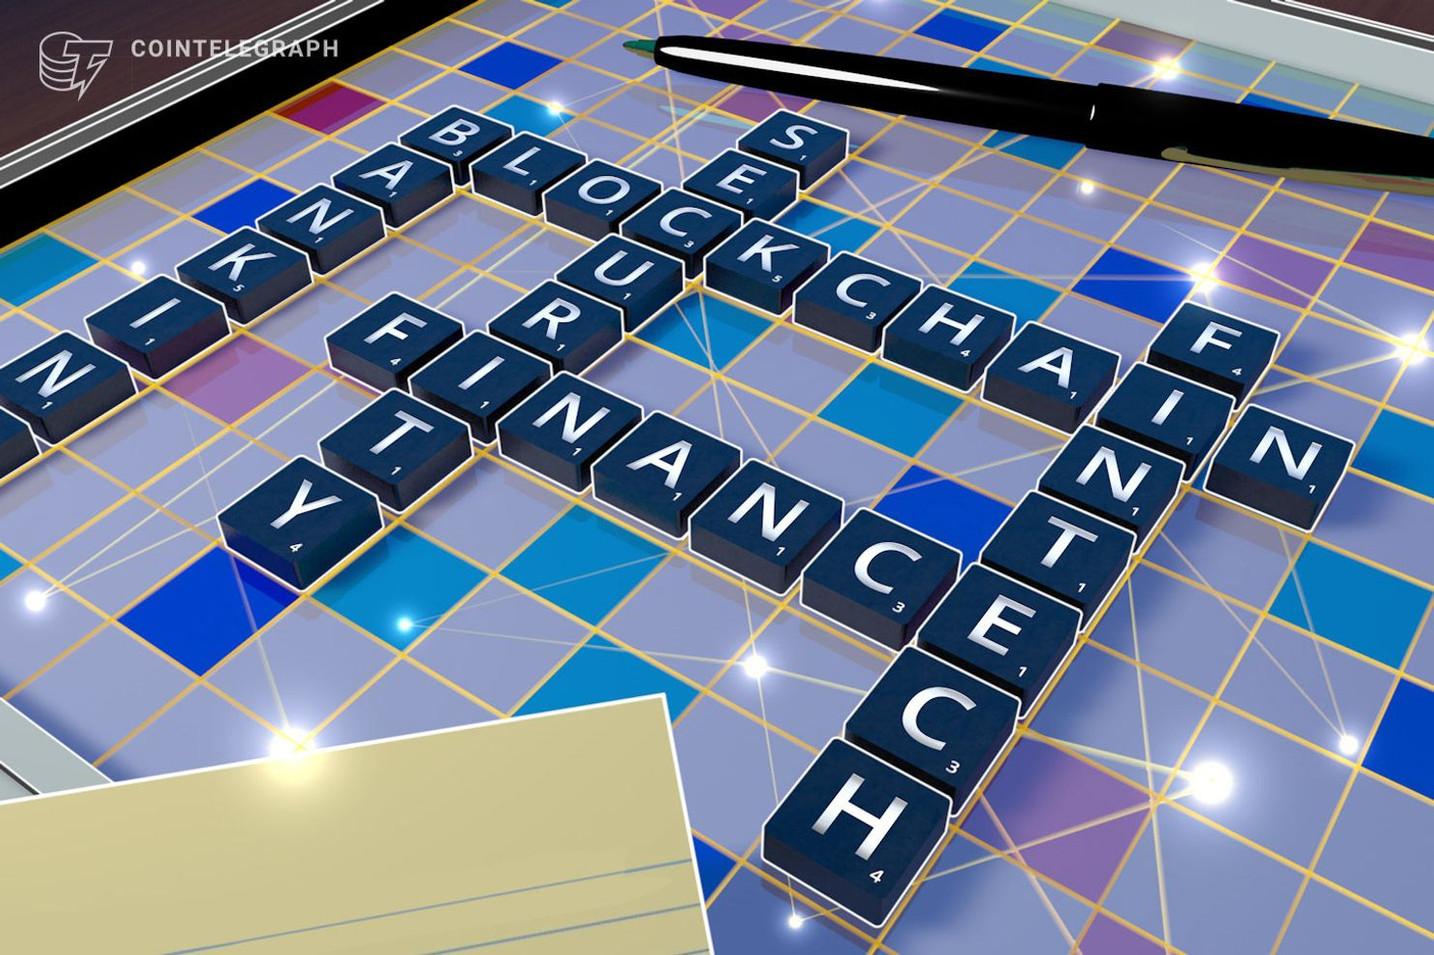 米仮想通貨取引所コインベースCTO「金融機関のブロックチェーンは過大評価」【アラート】